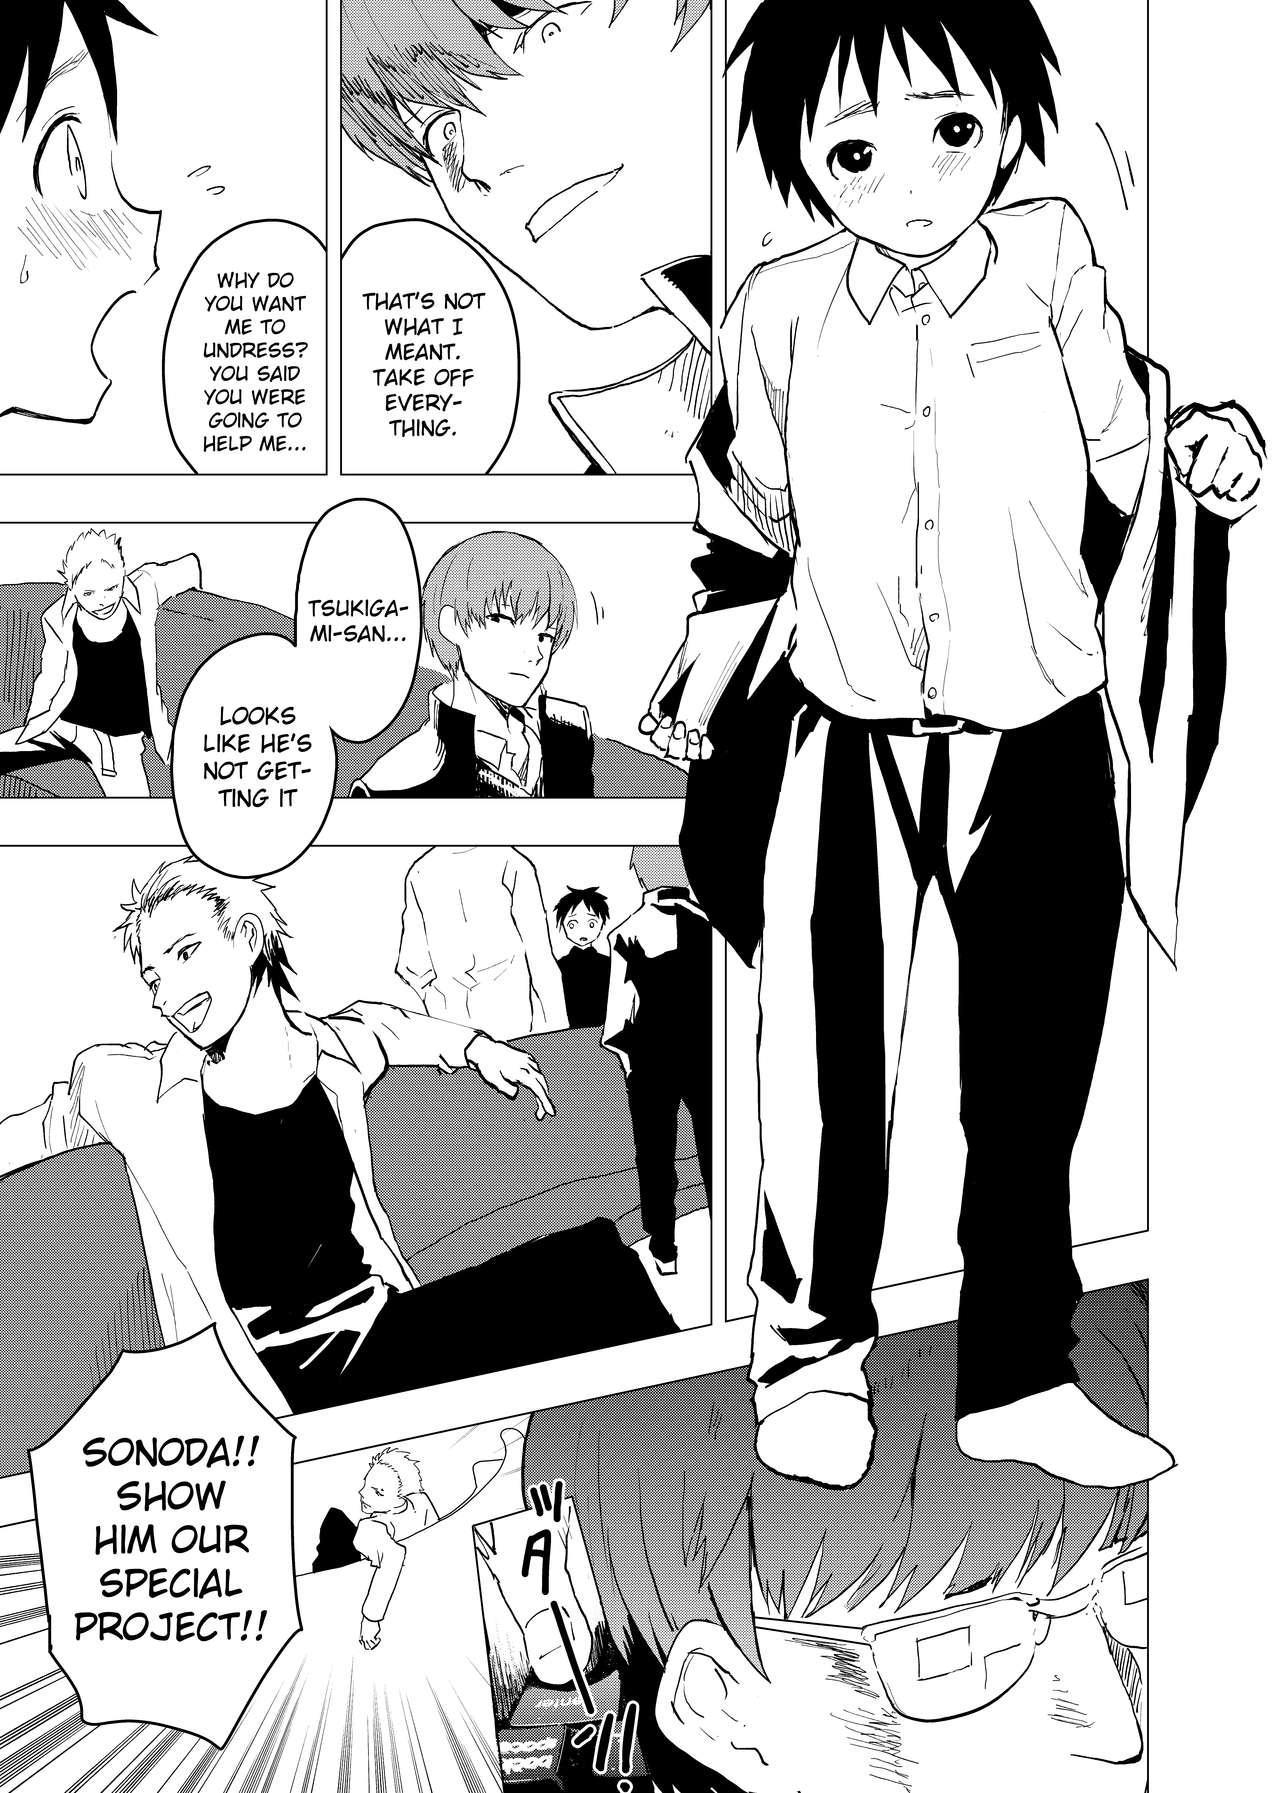 Ibasho ga Nai node Kamimachi shite mita Suterareta Shounen no Ero Manga   A Dirty Manga About a Boy Who Got Abandoned and Is Waiting for Someone To Save Him Ch. 5 18